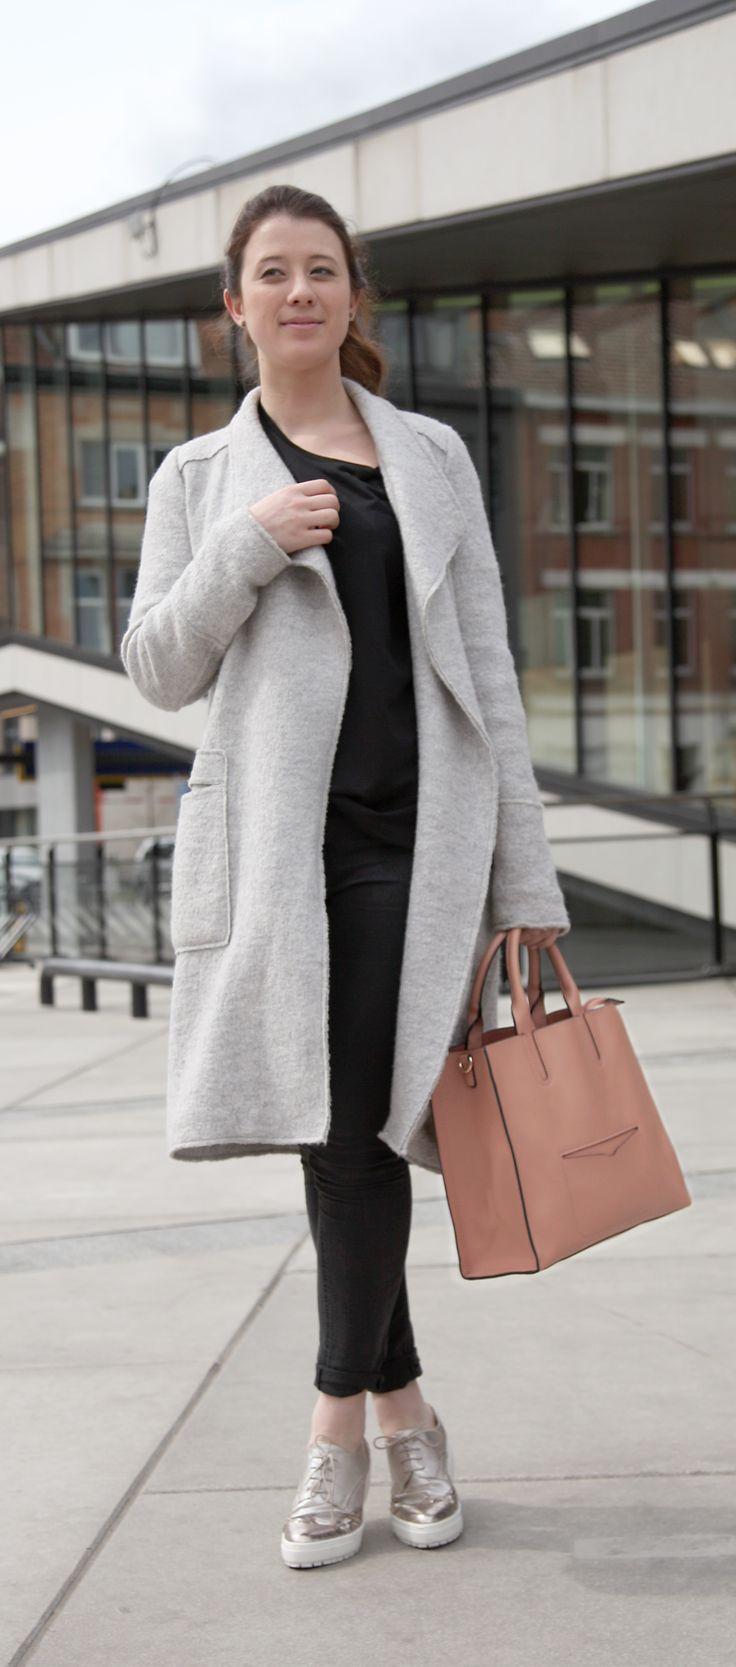 Zwarte jeans + zwart basic T-shirt + grijze wollen jas = de perfecte look voor een elegant paar veterschoenen   s.Oliver   Brantano